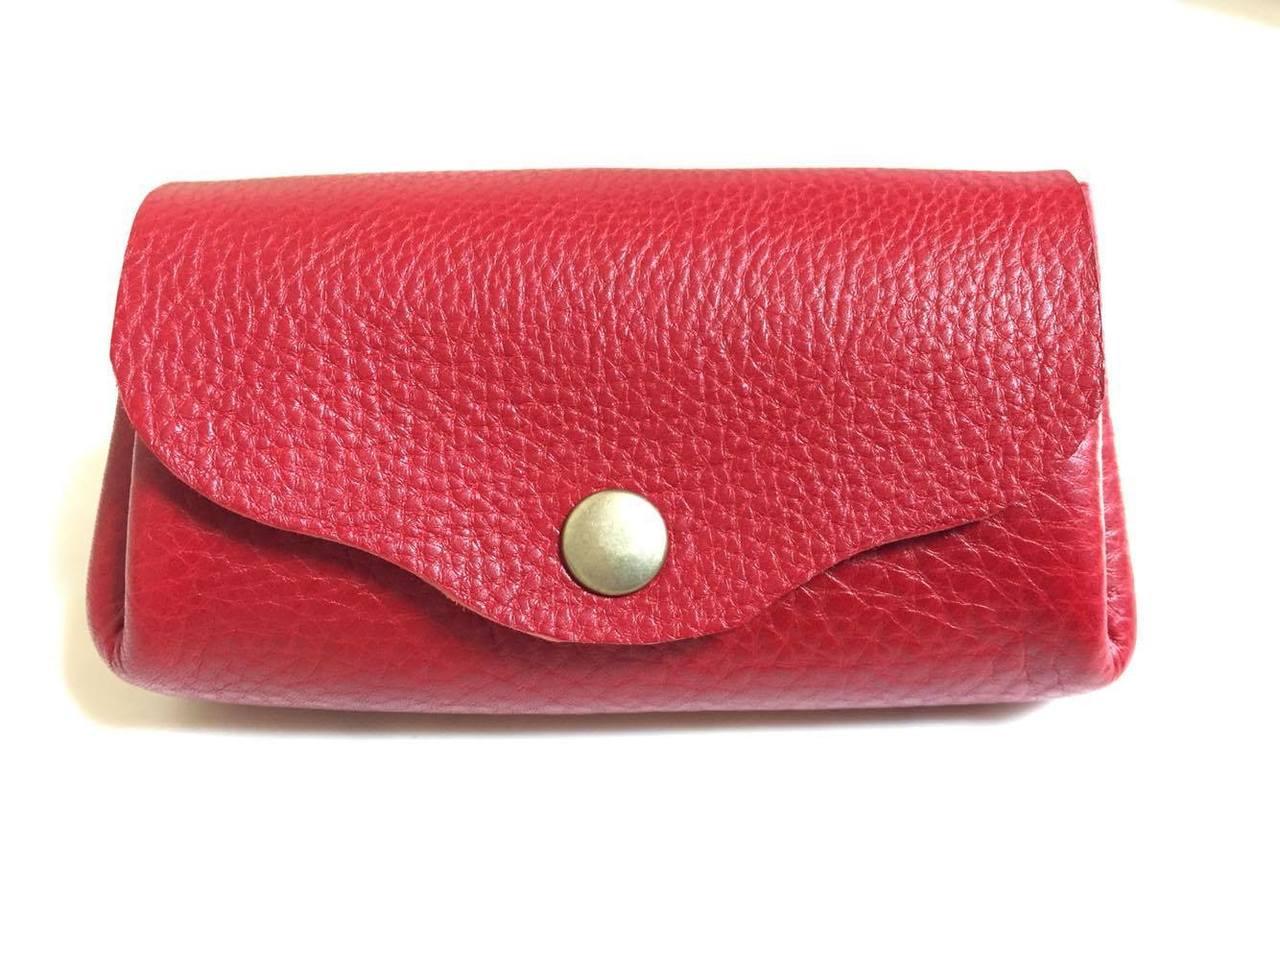 自分で作るアコーディオン財布